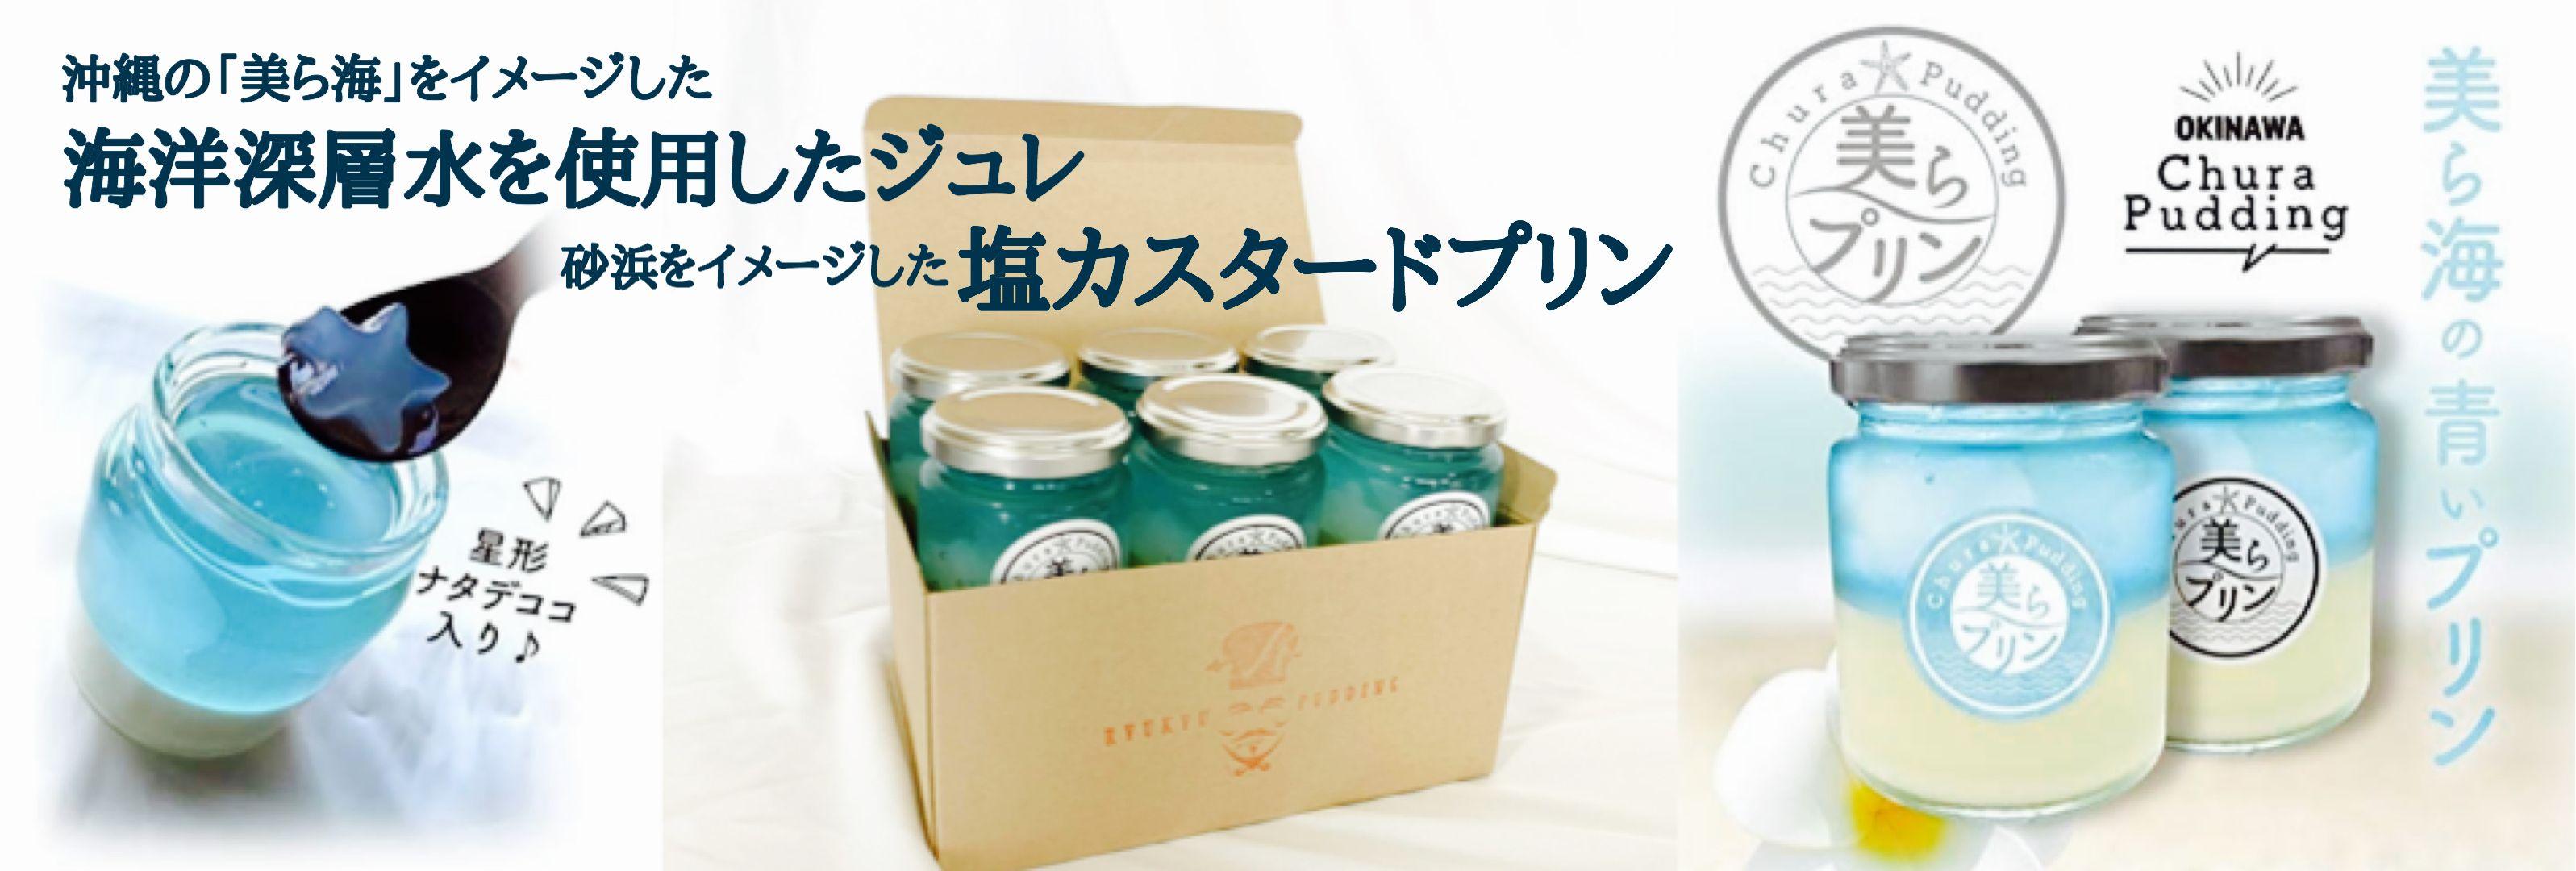 琉球プディング公式通販サイト